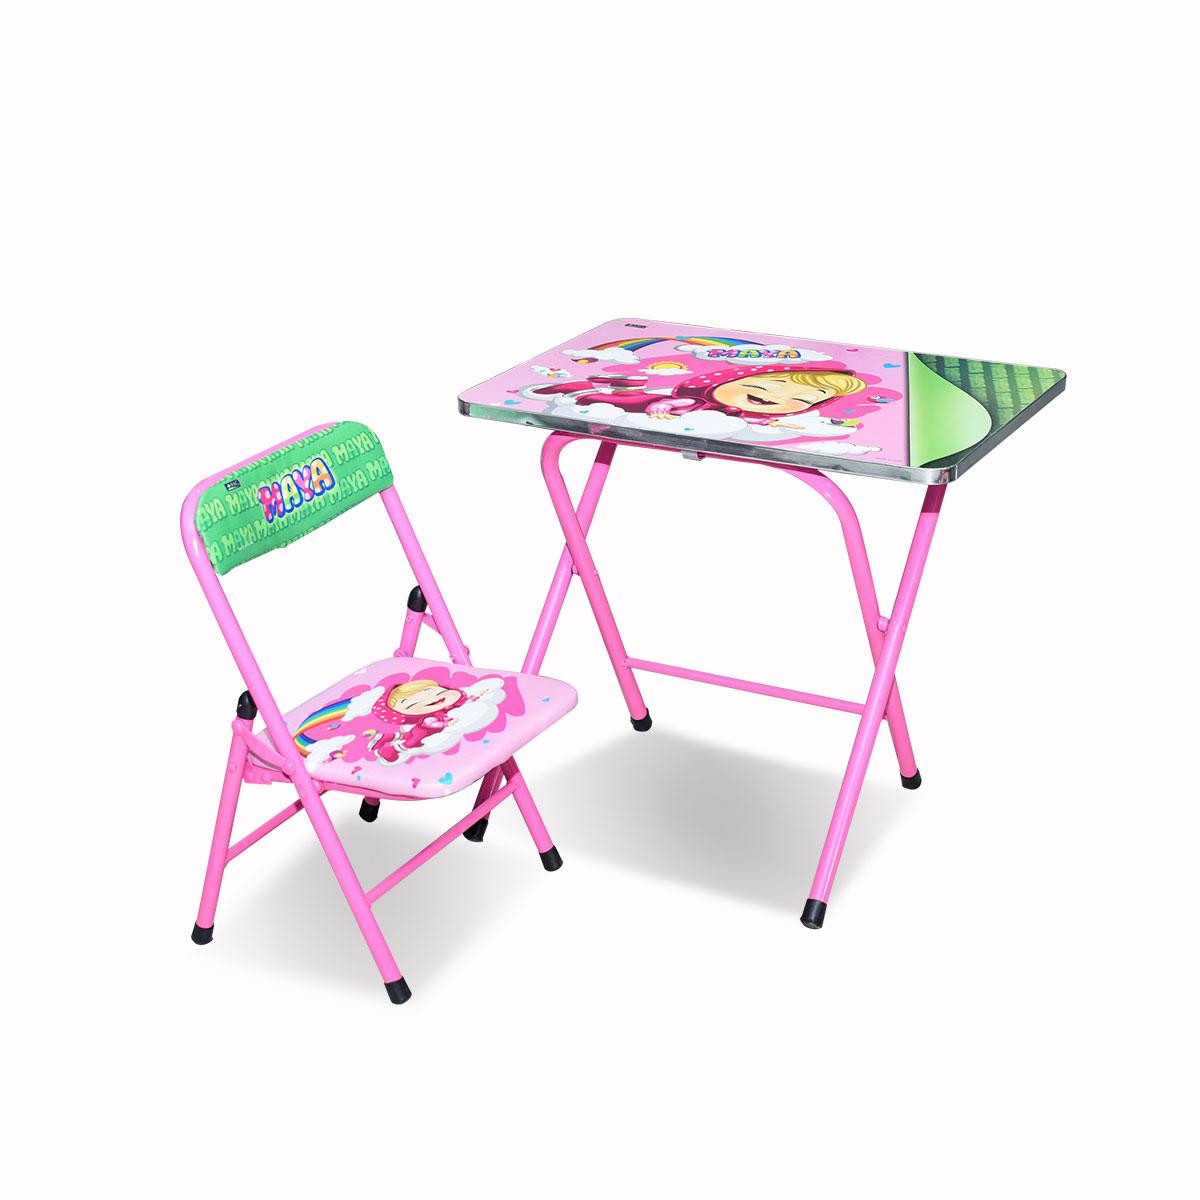 طاولة اطفال مدرسية  خشب بقواعد من الحديد + كرسي  4038-049